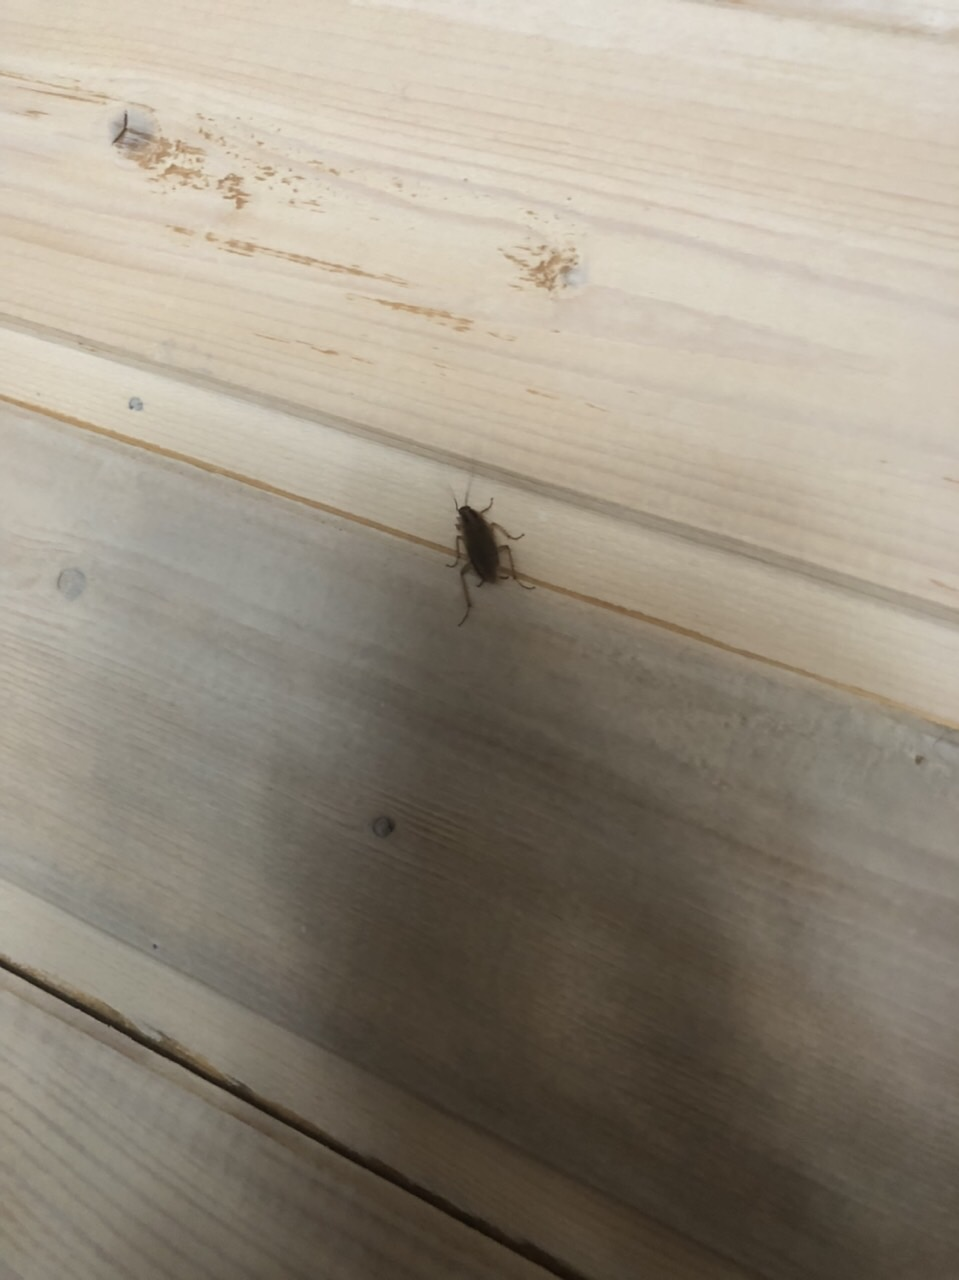 Мыши и тараканы пугают посетителей астраханских ресторанов